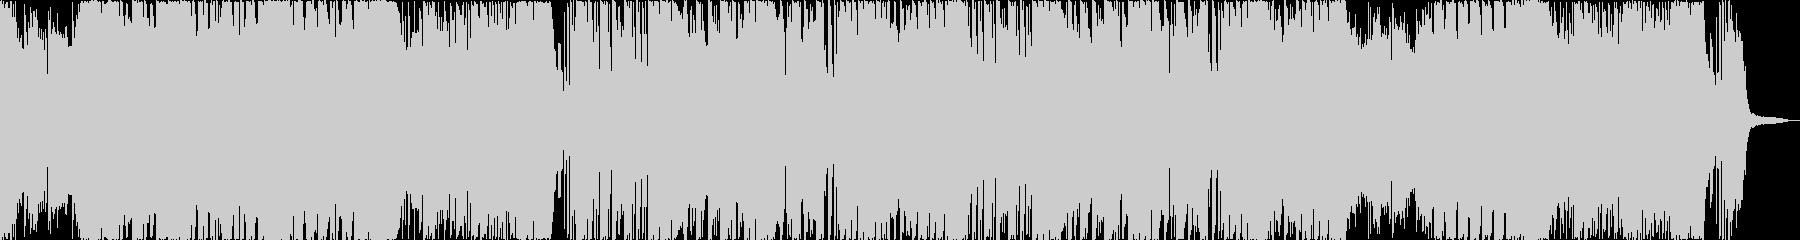 シンセのメロディが特徴的なダブステップの未再生の波形